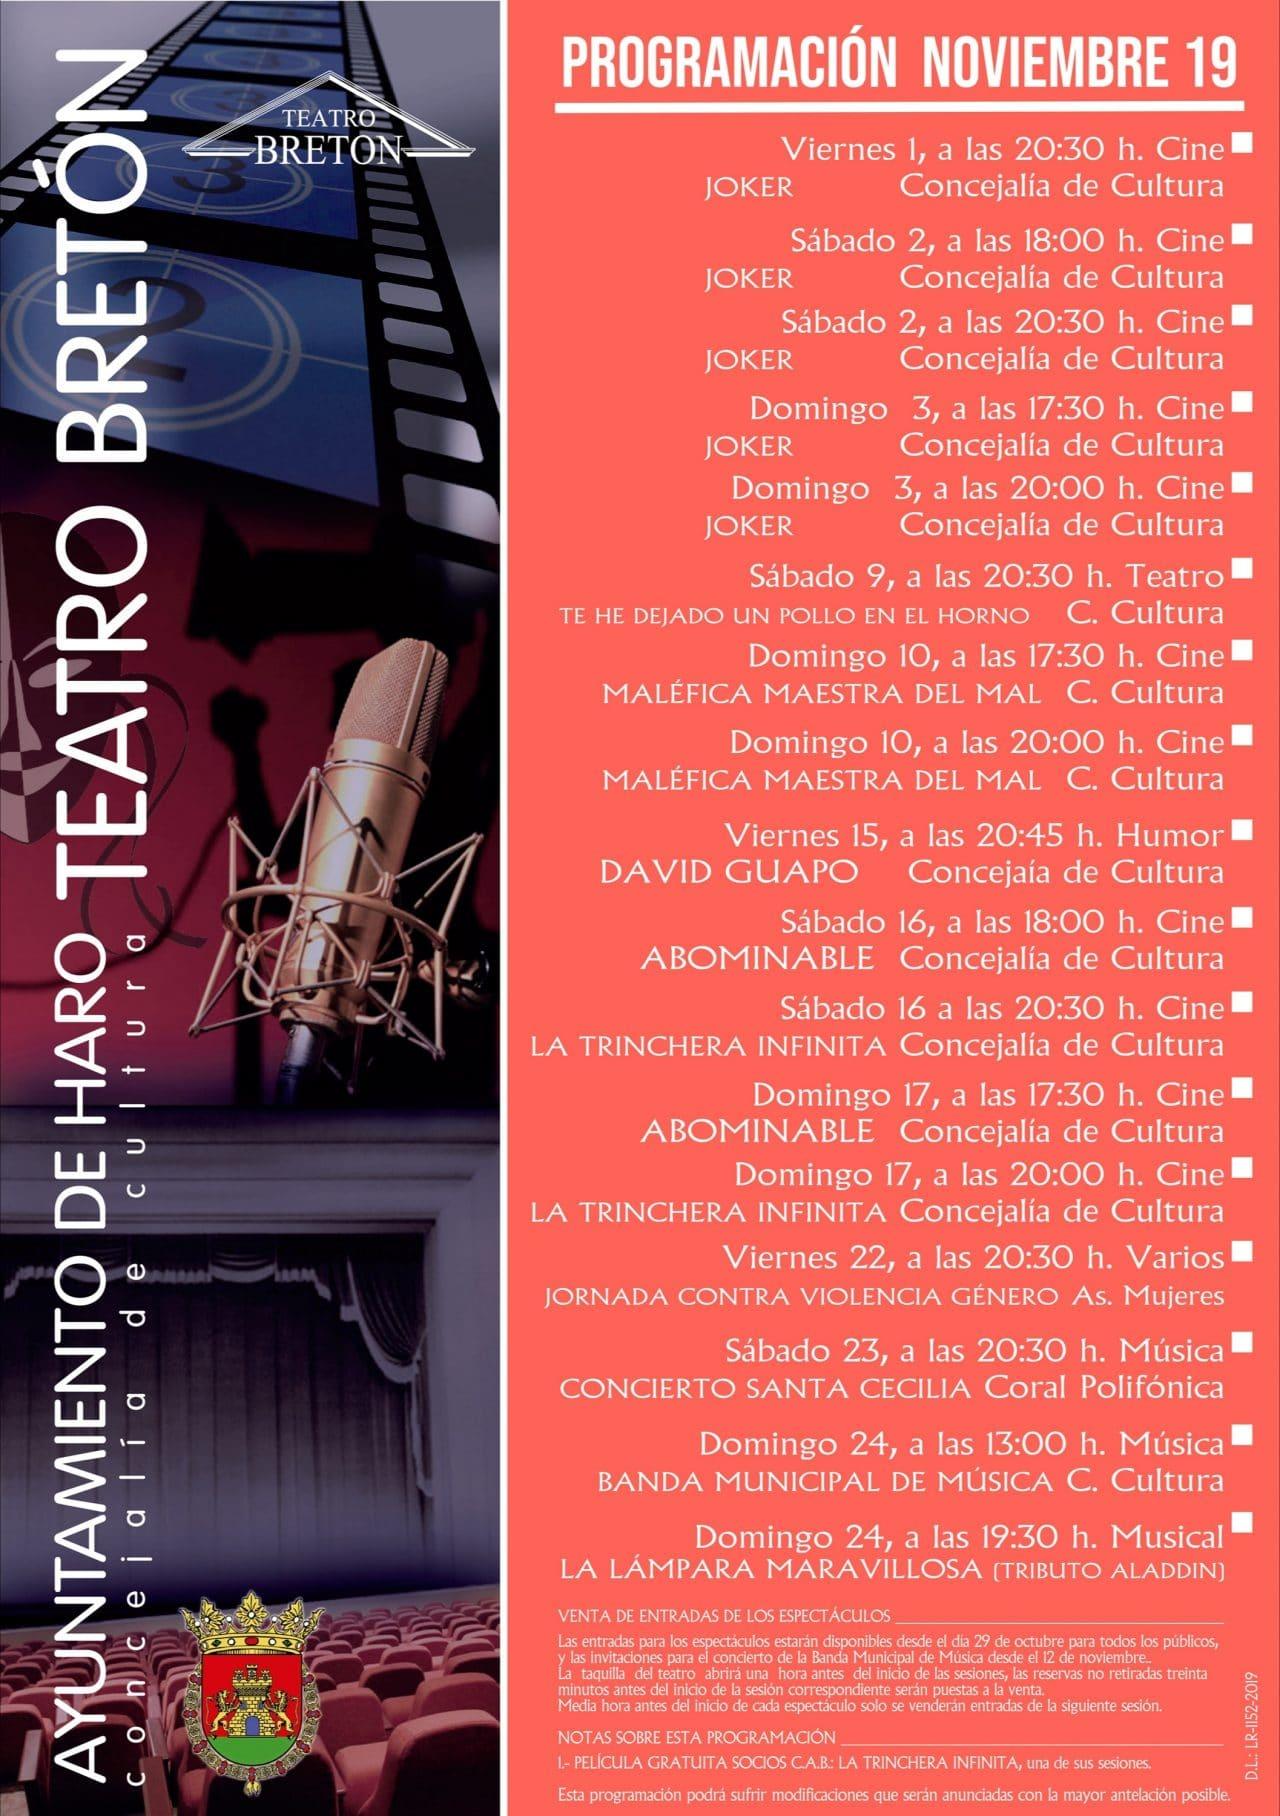 David Guapo, el 15 de noviembre en el teatro Bretón de Haro 1